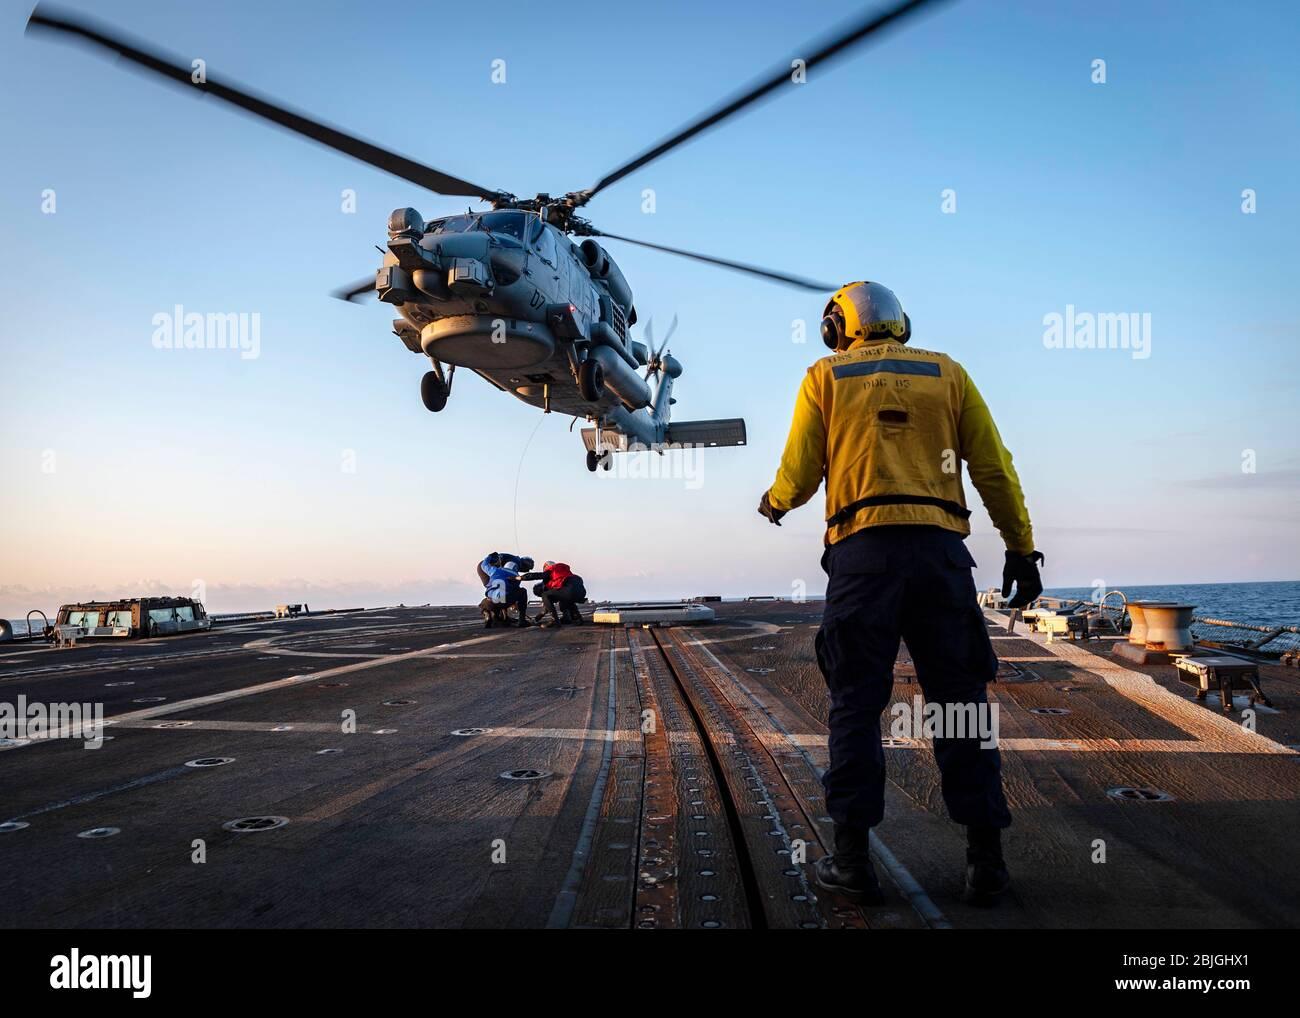 """200427-N-WI365-2055 MAR DE JAPÓN (ABRIL 27, 2020) – los marineros estadounidenses simulan una asistencia de recuperación con un helicóptero MH-60 sea Hawk, asignado a los """"señores de la guerra"""" del escuadrón de la huelga Marítima del helicóptero (HSM) 51, en la cubierta de vuelo a bordo del destructor de misiles guiados USS McCampbell (DDG 85) de la clase Arleigh Burke. McCampbell está realizando operaciones en la región del Indo-Pacífico mientras que está asignado al Escuadrón Destroyer (DESRON) 15, el mayor DESRON desplegado hacia adelante de la Marina y la principal fuerza de superficie de la 7a flota de los Estados Unidos. (EE.UU Foto de la Marina por Especialista en Comunicación de masas de segunda clase Markus Castañeda) Foto de stock"""